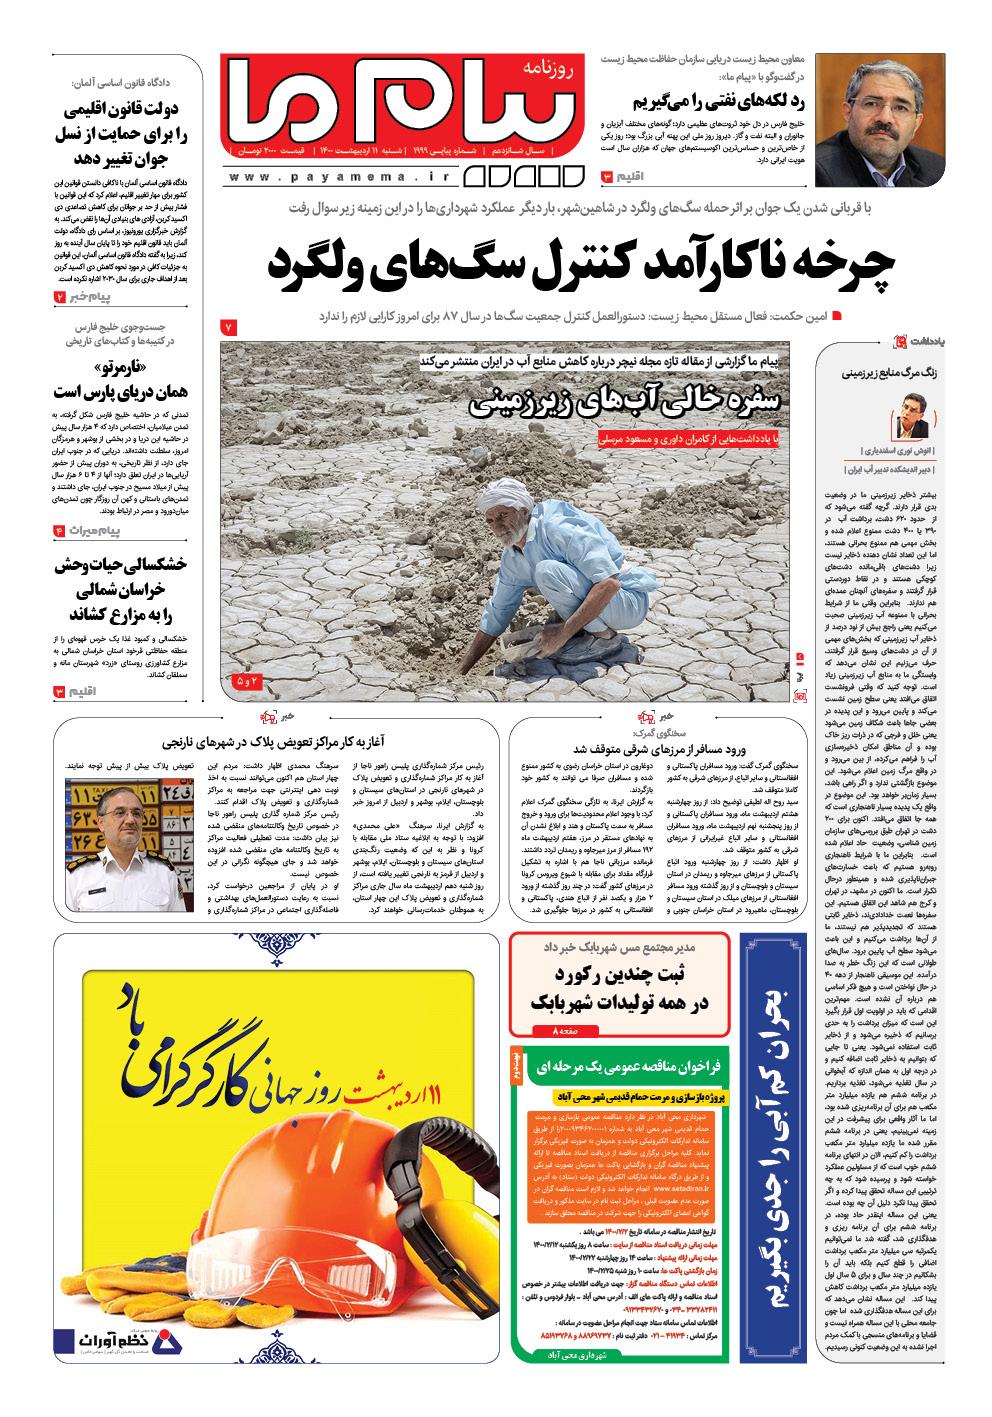 صفحه اول شماره ۱۹۹۹ روزنامه پیام ما